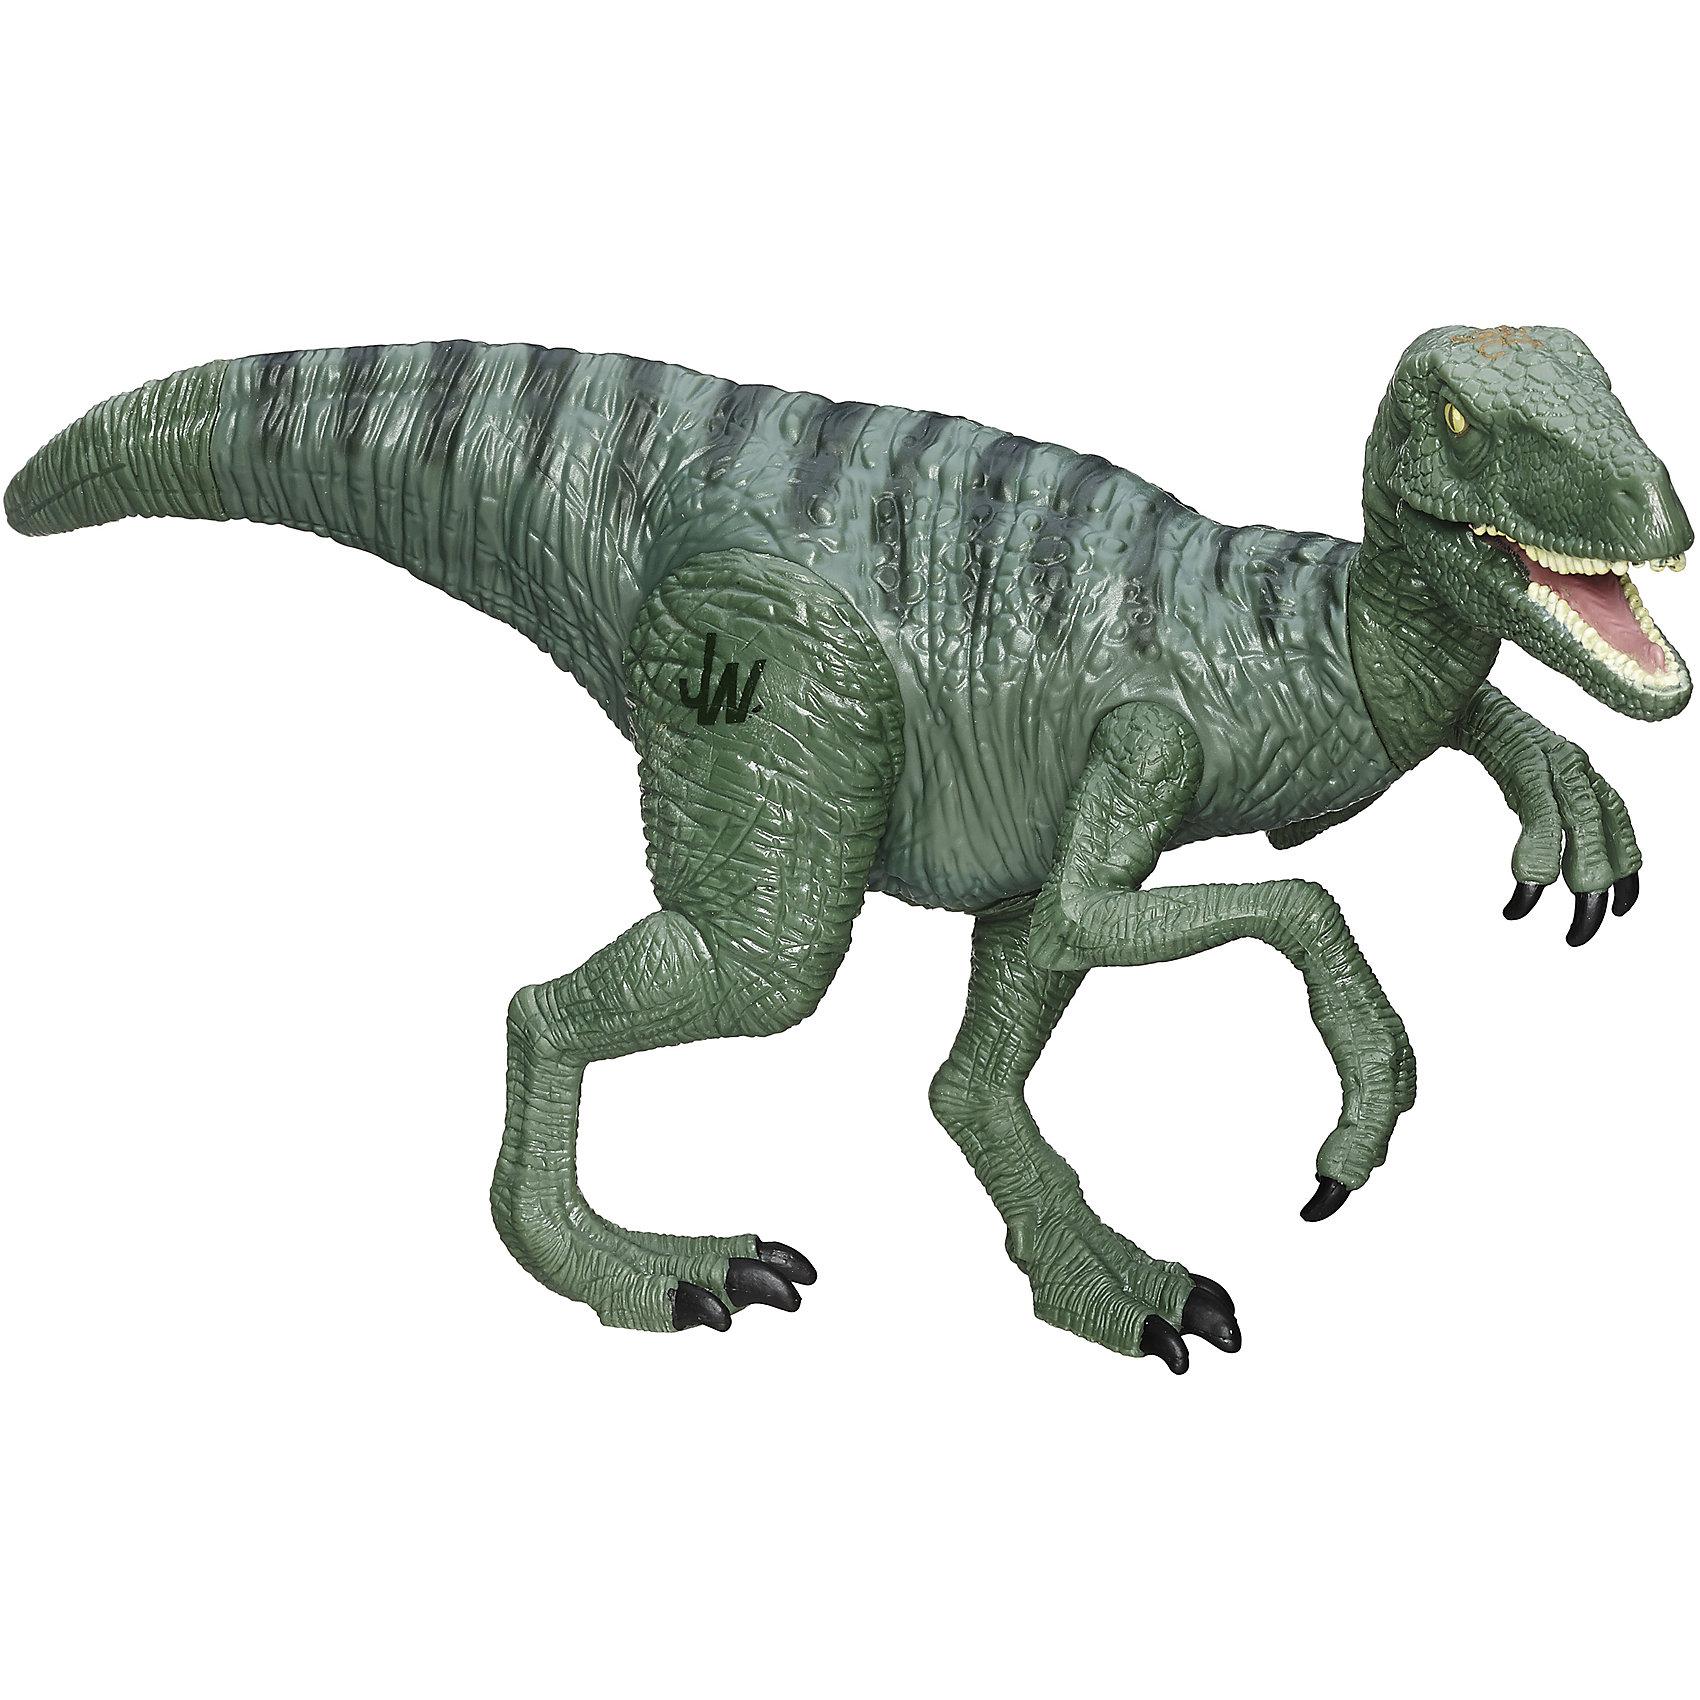 Титаны Динозавры: Велоцираптор Чарли, Мир Юрского ПериодаФигурки Динозавров Мира Юрского Периода высотой 35 см. из популярной линейки Титаны по привлекательно цене.<br><br>Ширина мм: 152<br>Глубина мм: 279<br>Высота мм: 76<br>Вес г: 275<br>Возраст от месяцев: 48<br>Возраст до месяцев: 1188<br>Пол: Мужской<br>Возраст: Детский<br>SKU: 4163212